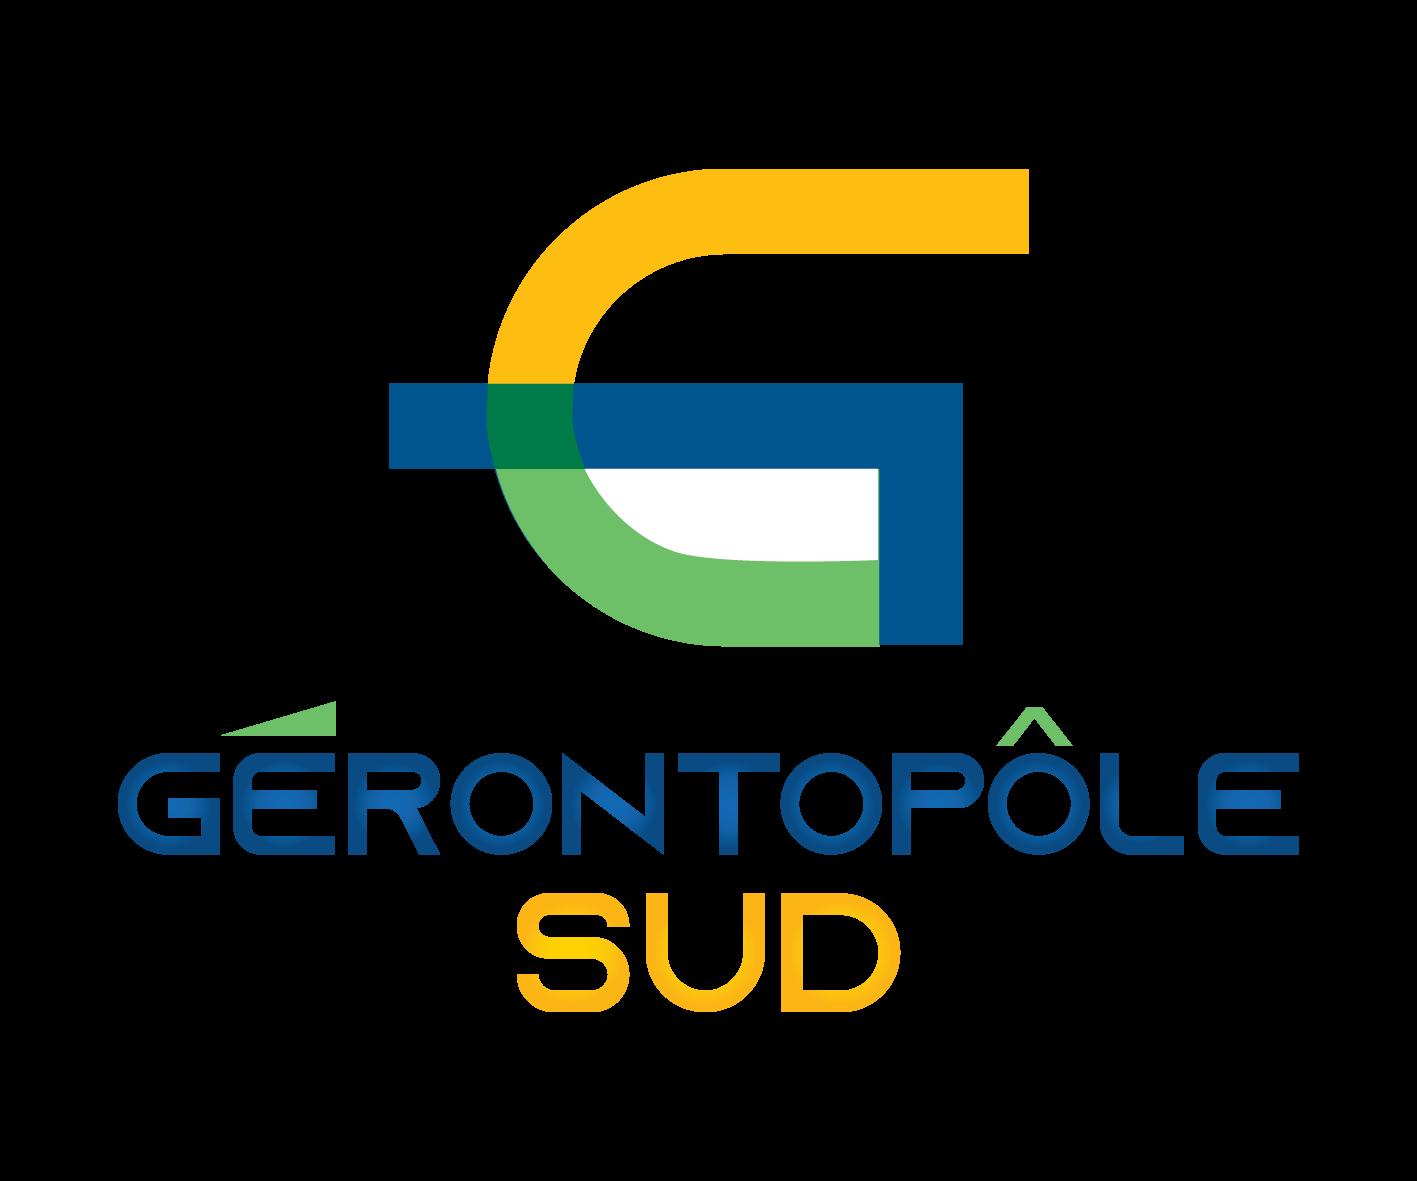 Gérontopôle Sud